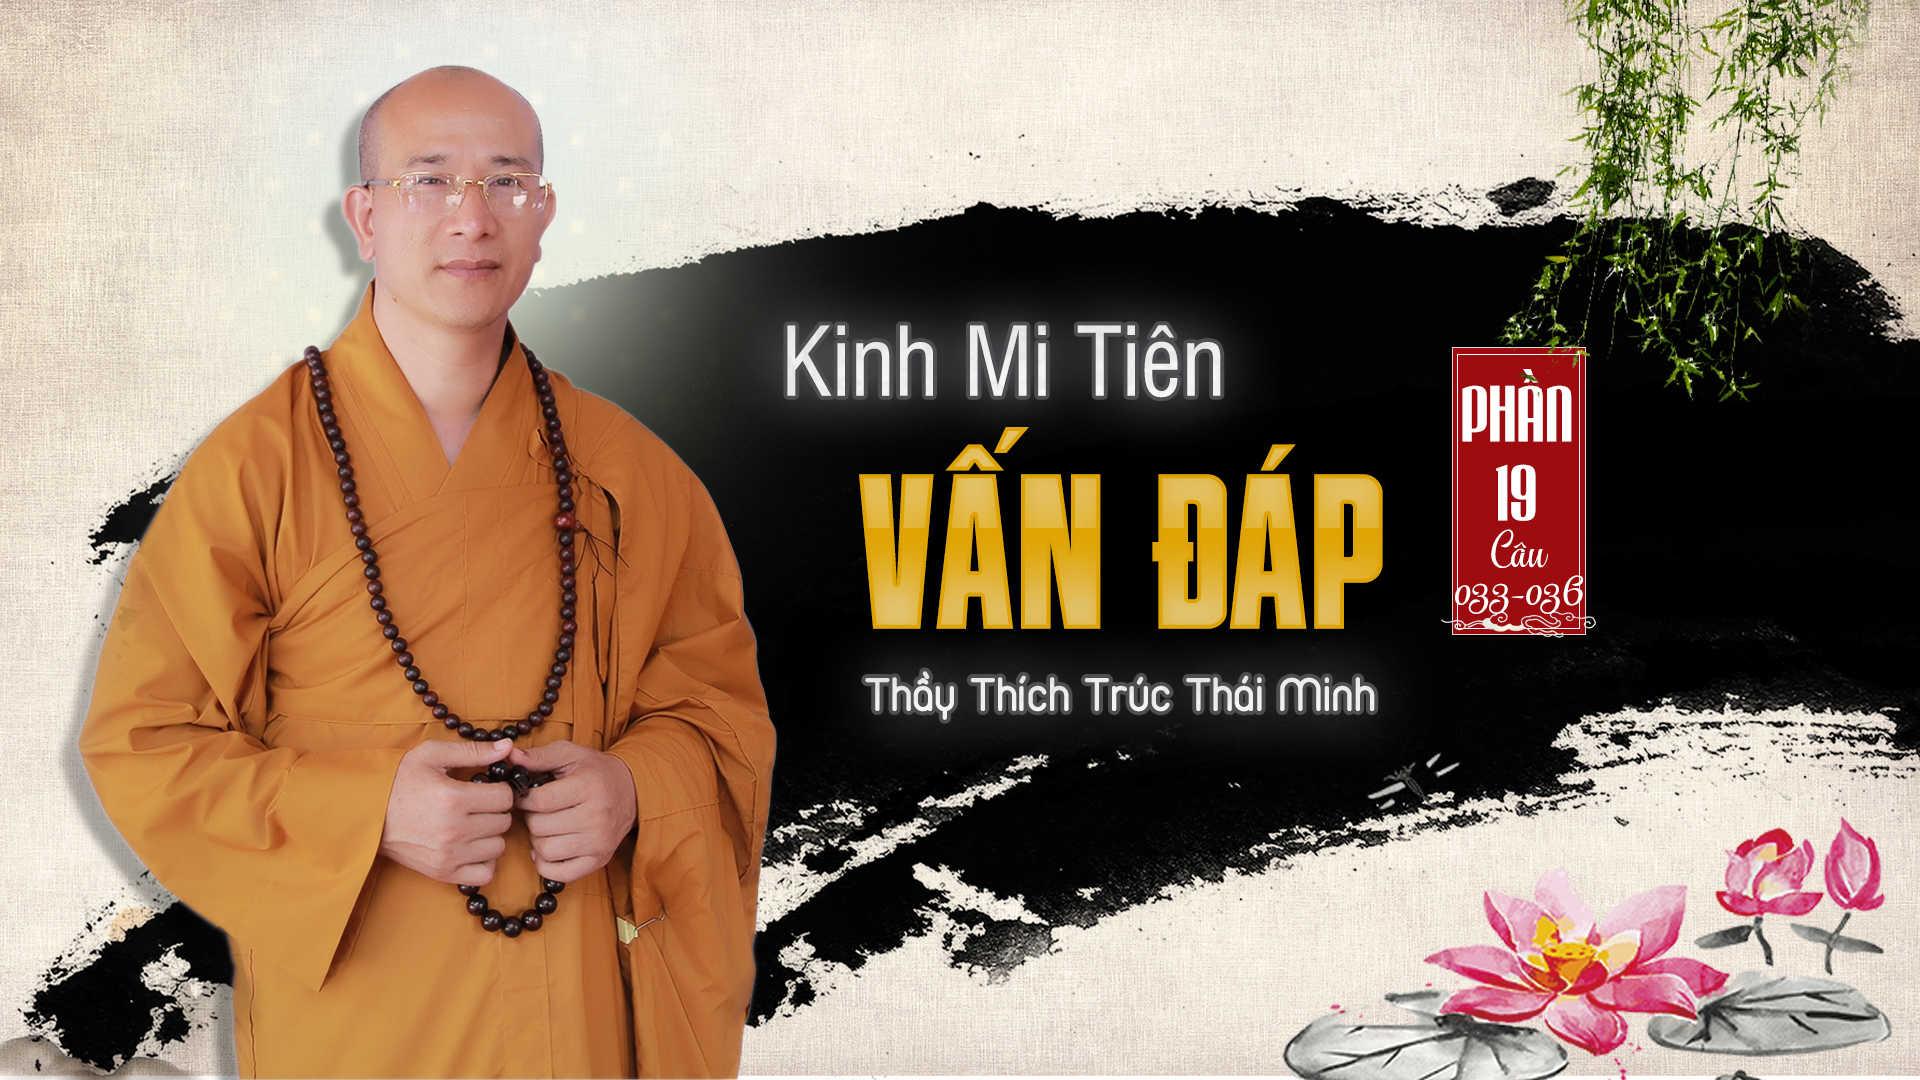 Kinh mi tiên vấn đáp phần 19 Thầy Thích Trúc Thái Minh chùa Ba Vàng.